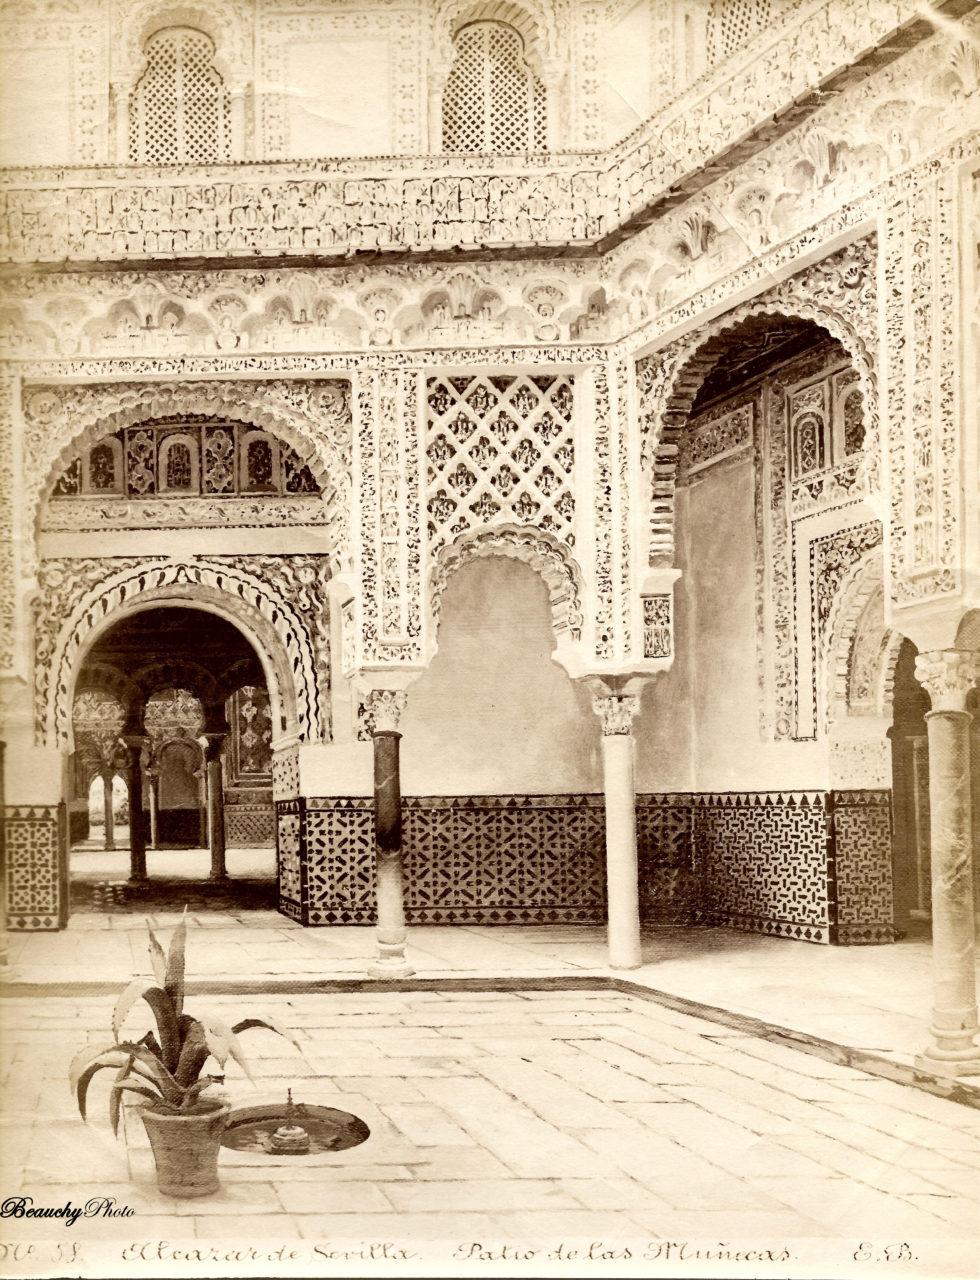 Patio de las Muñecas del Alcázar de Sevilla